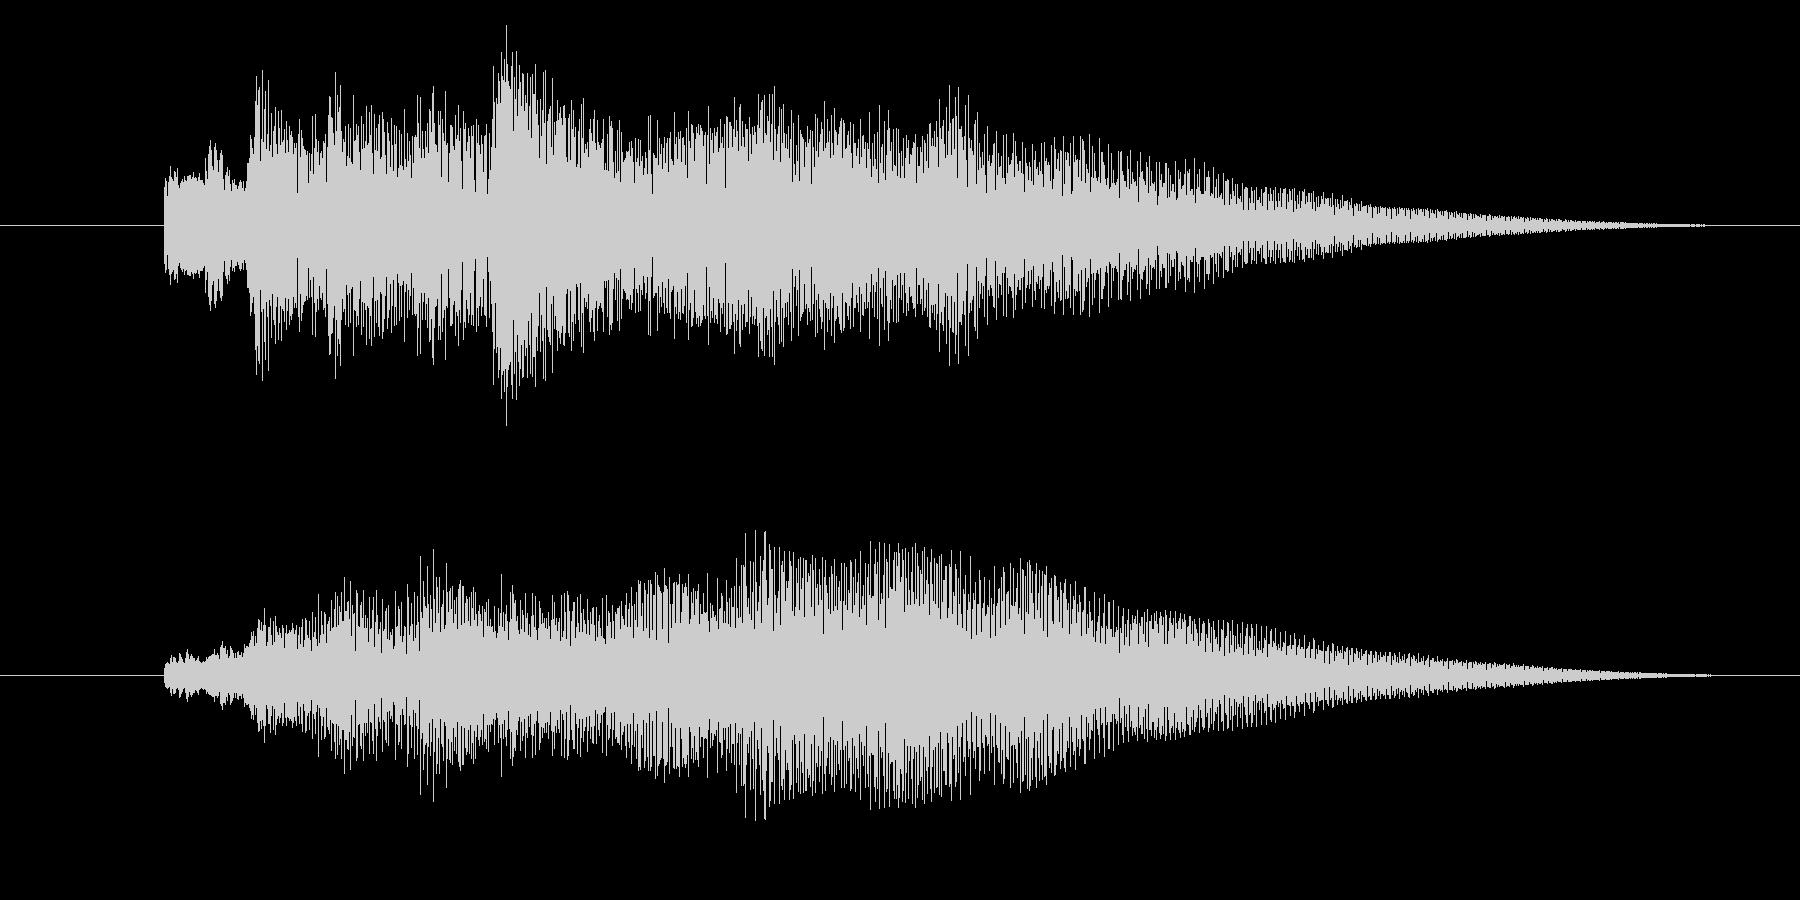 サウンドロゴ「ピアノ・ベル明るめ」の未再生の波形